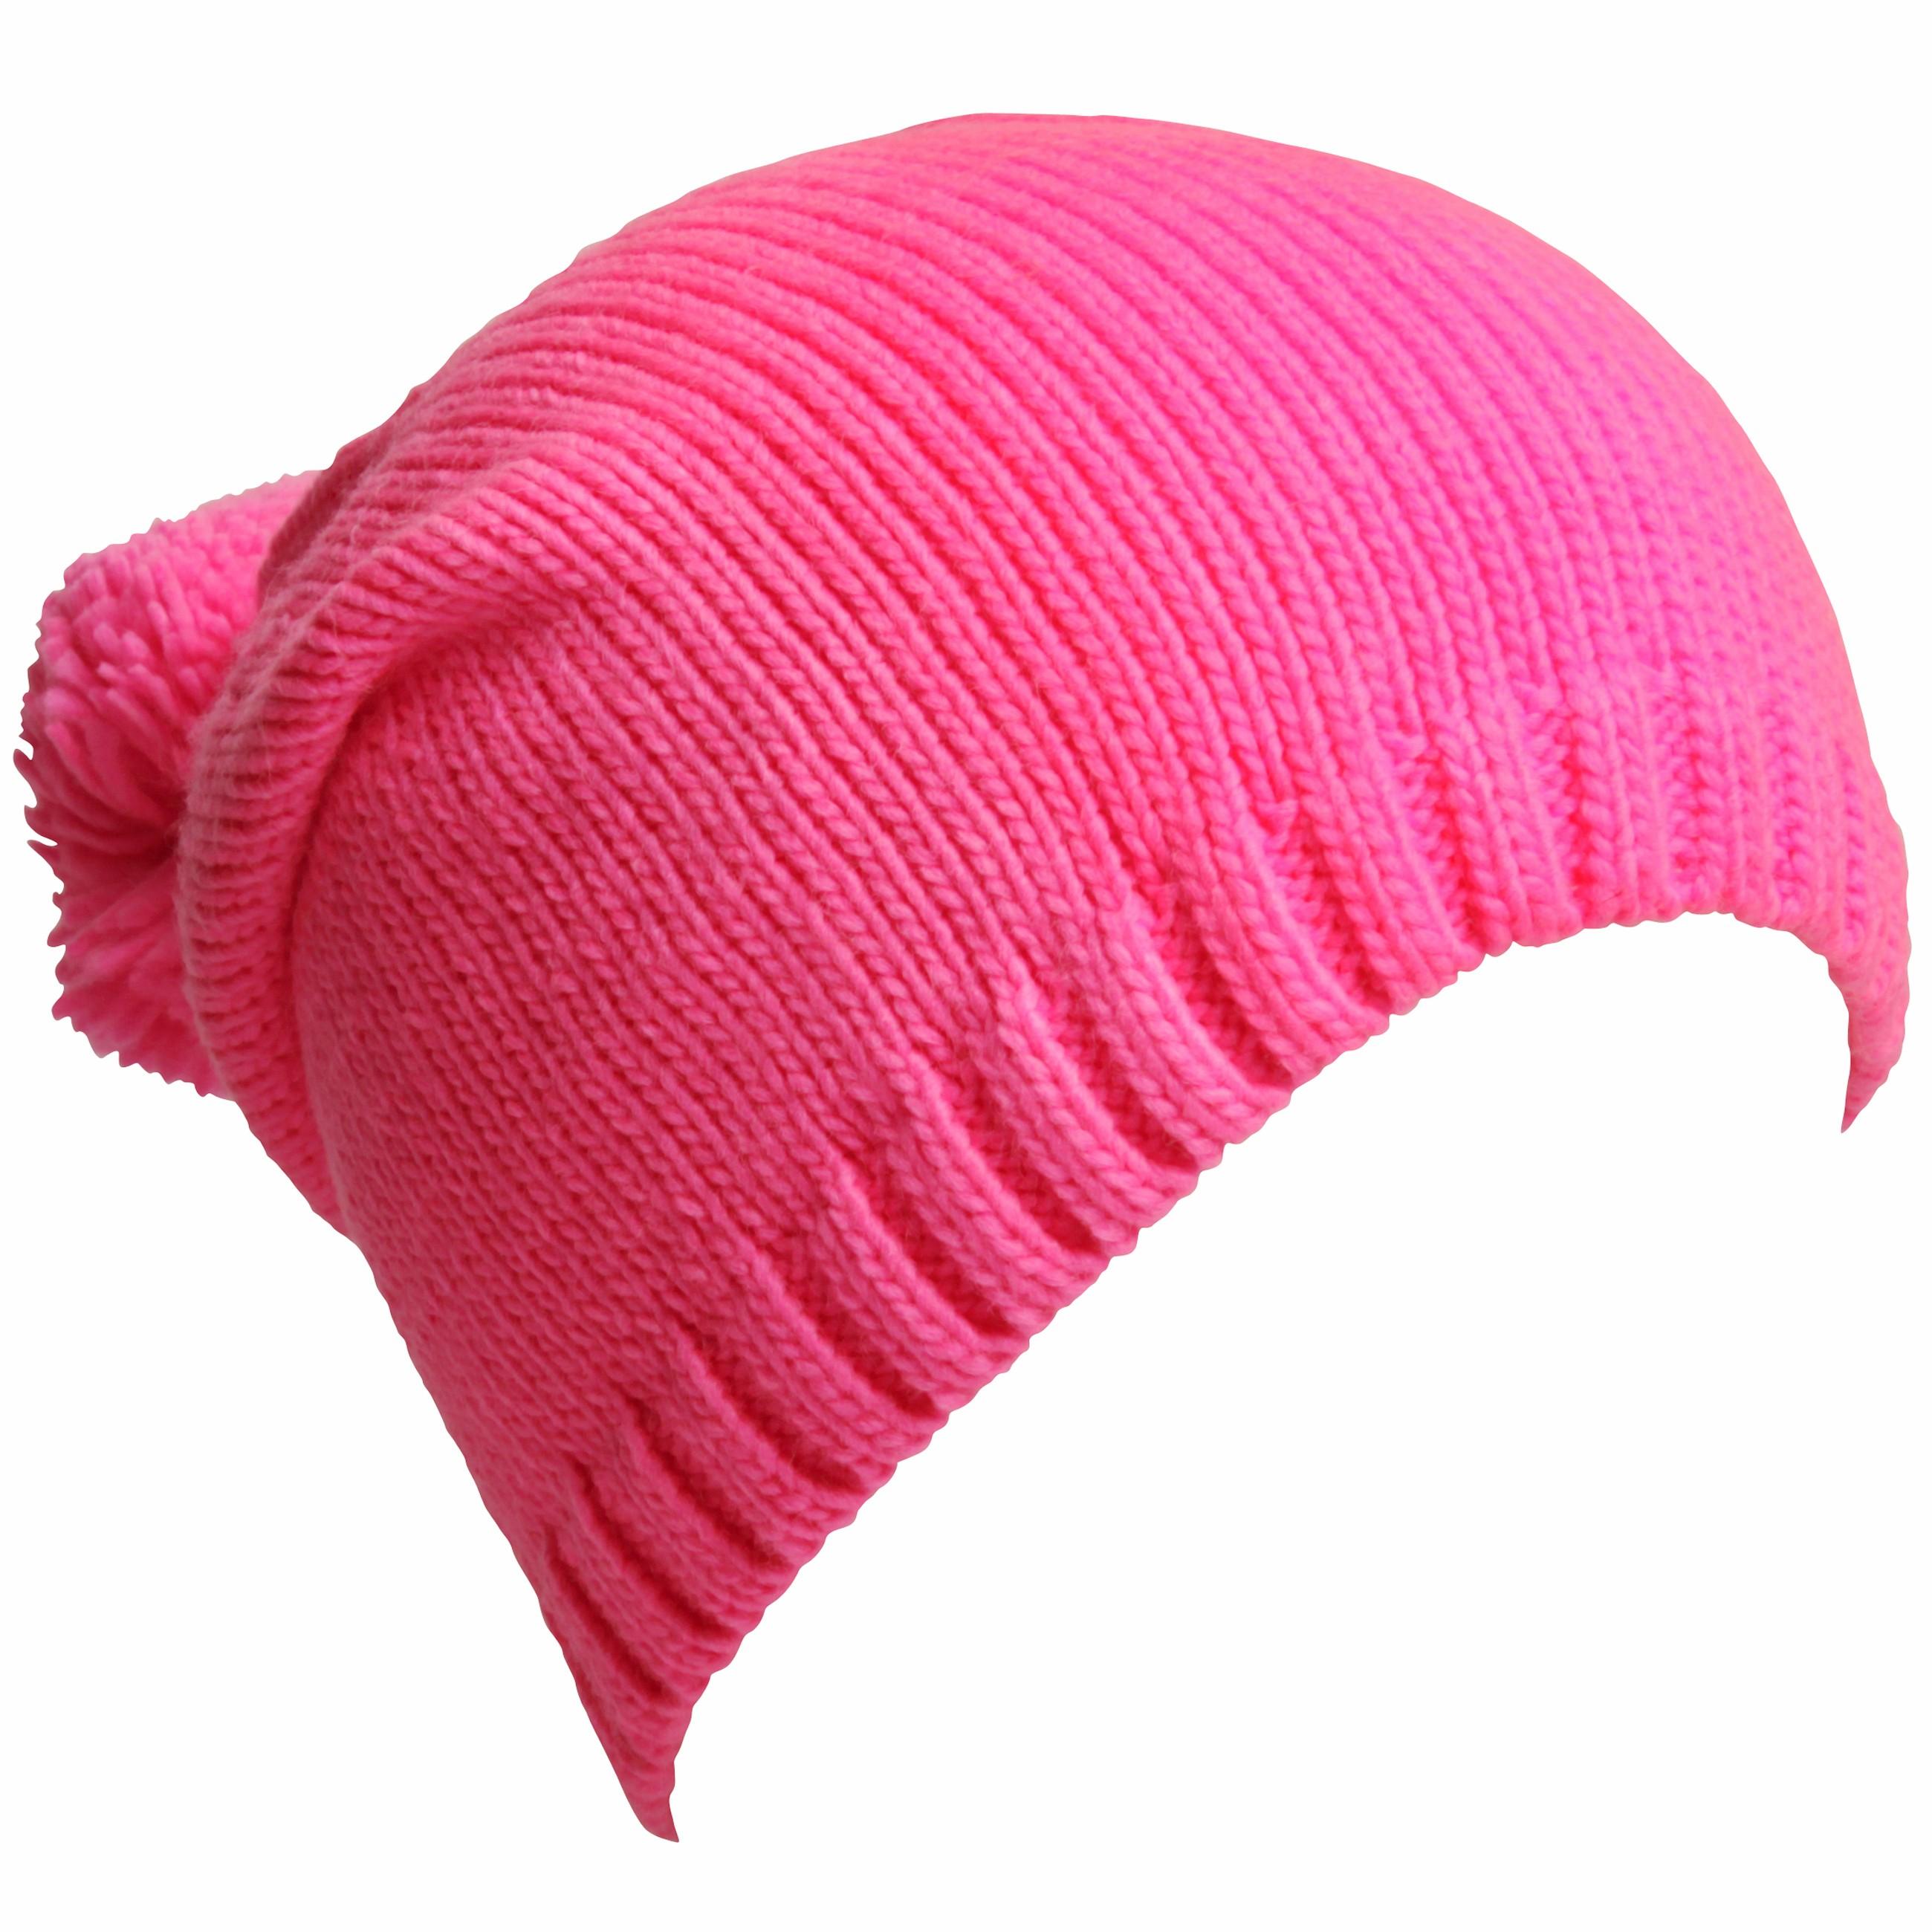 Mütze in angesagten Neon-Farben